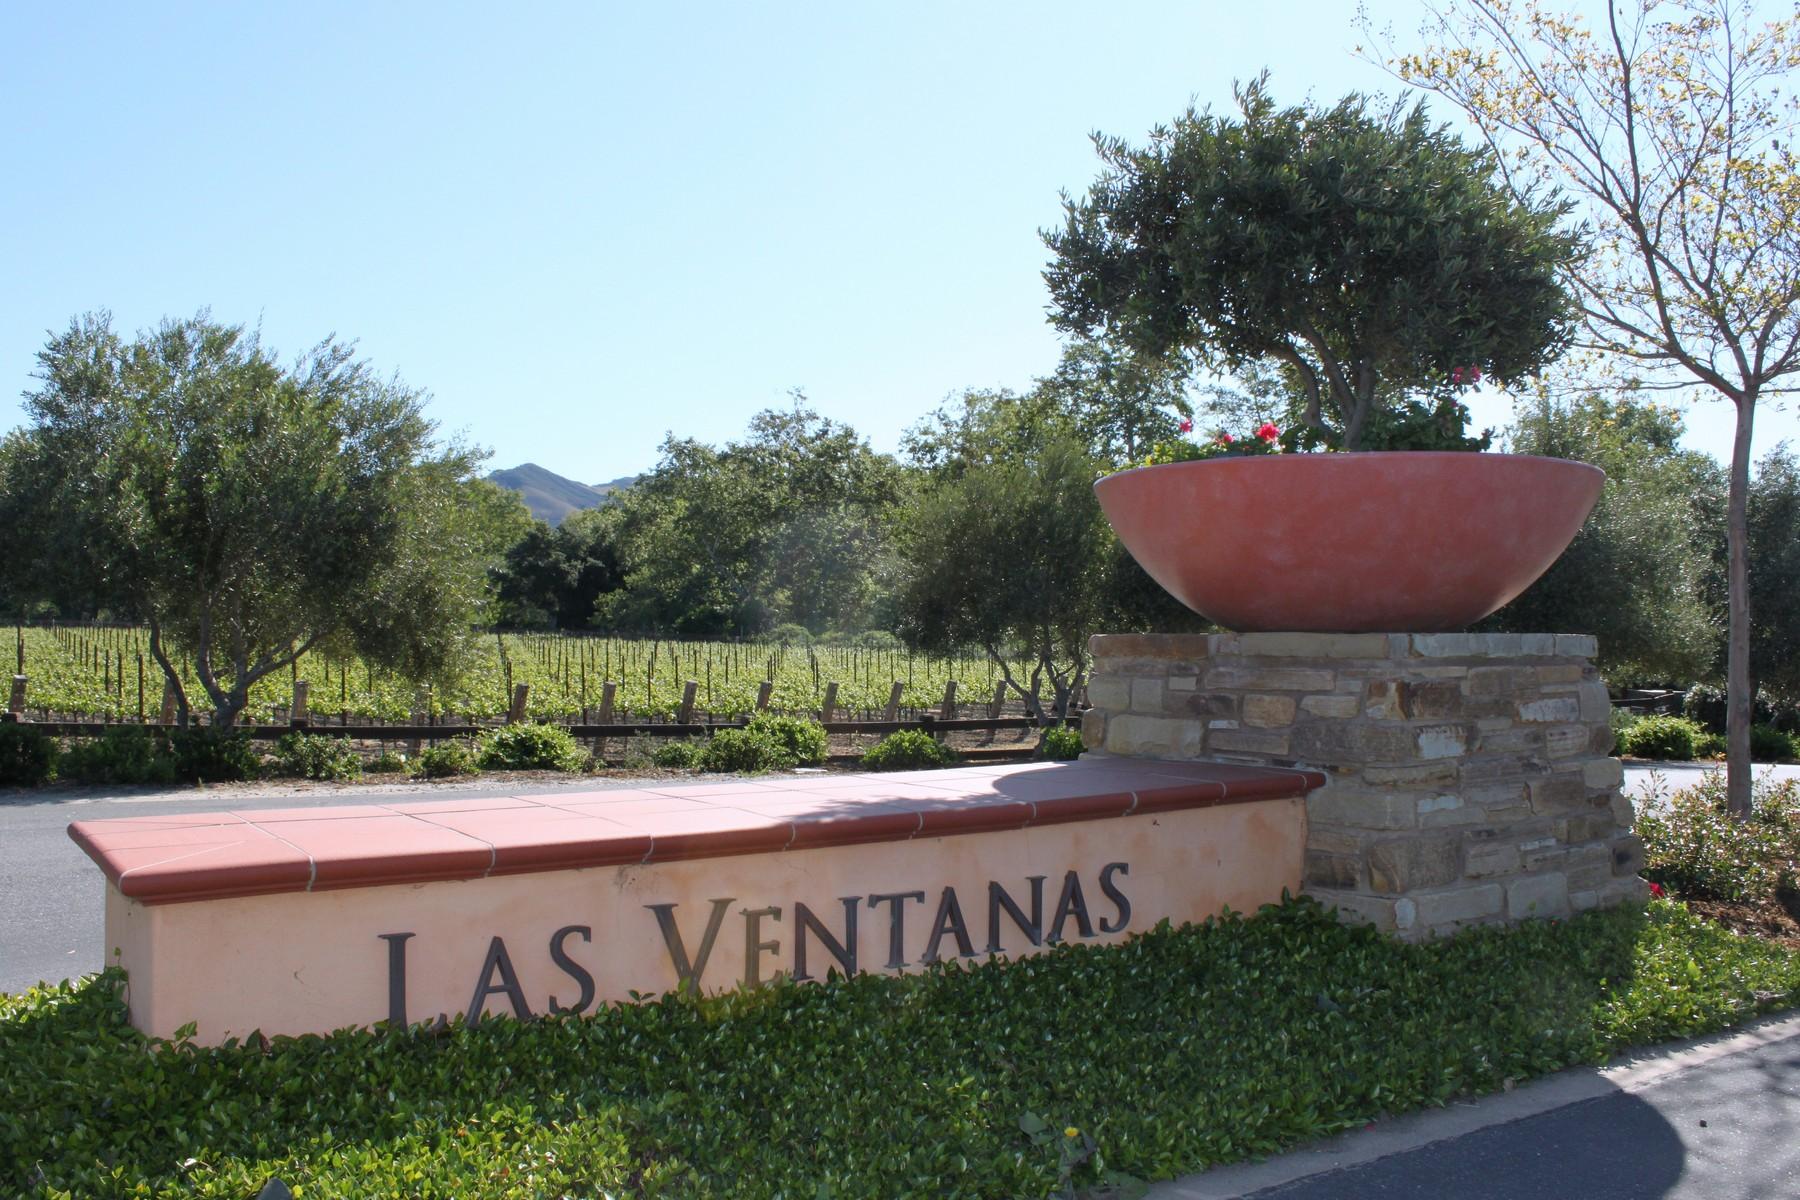 Land for Sale at 2.09 Acres in Las Ventanas 3975 Camino San Gabriel Arroyo Grande, California, 93420 United States